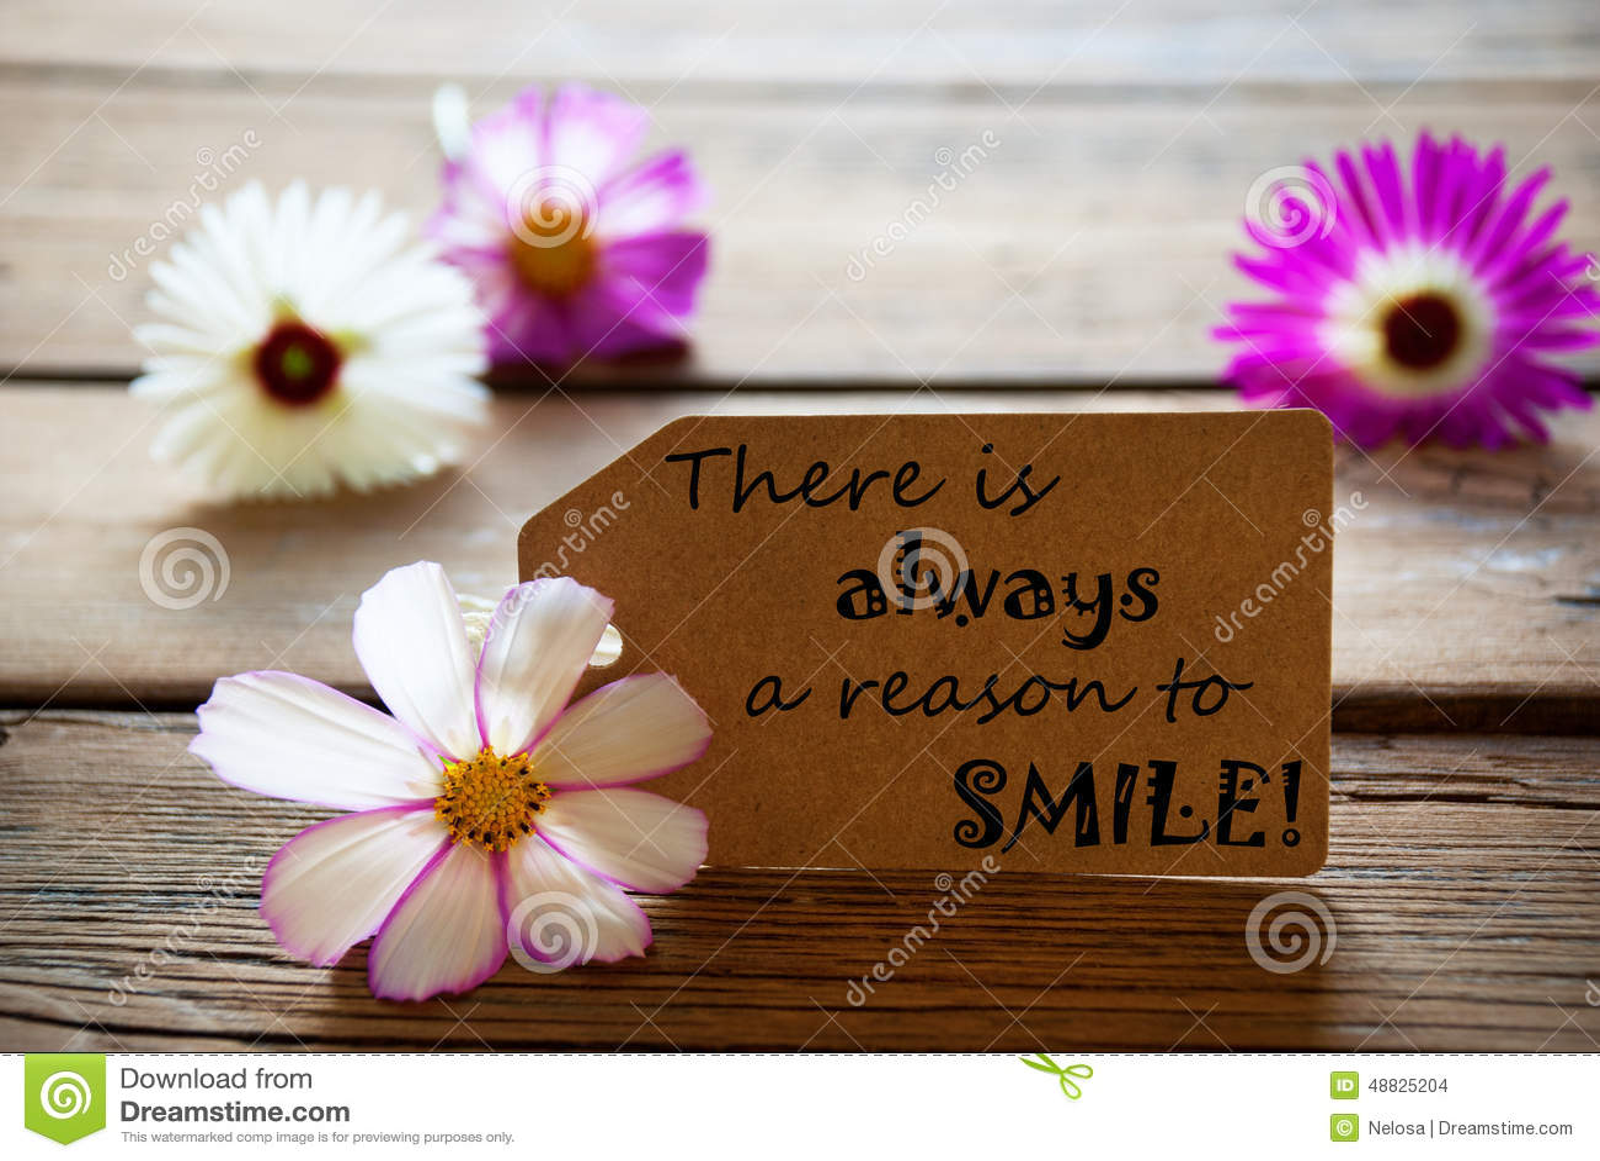 citation sourire à la vie